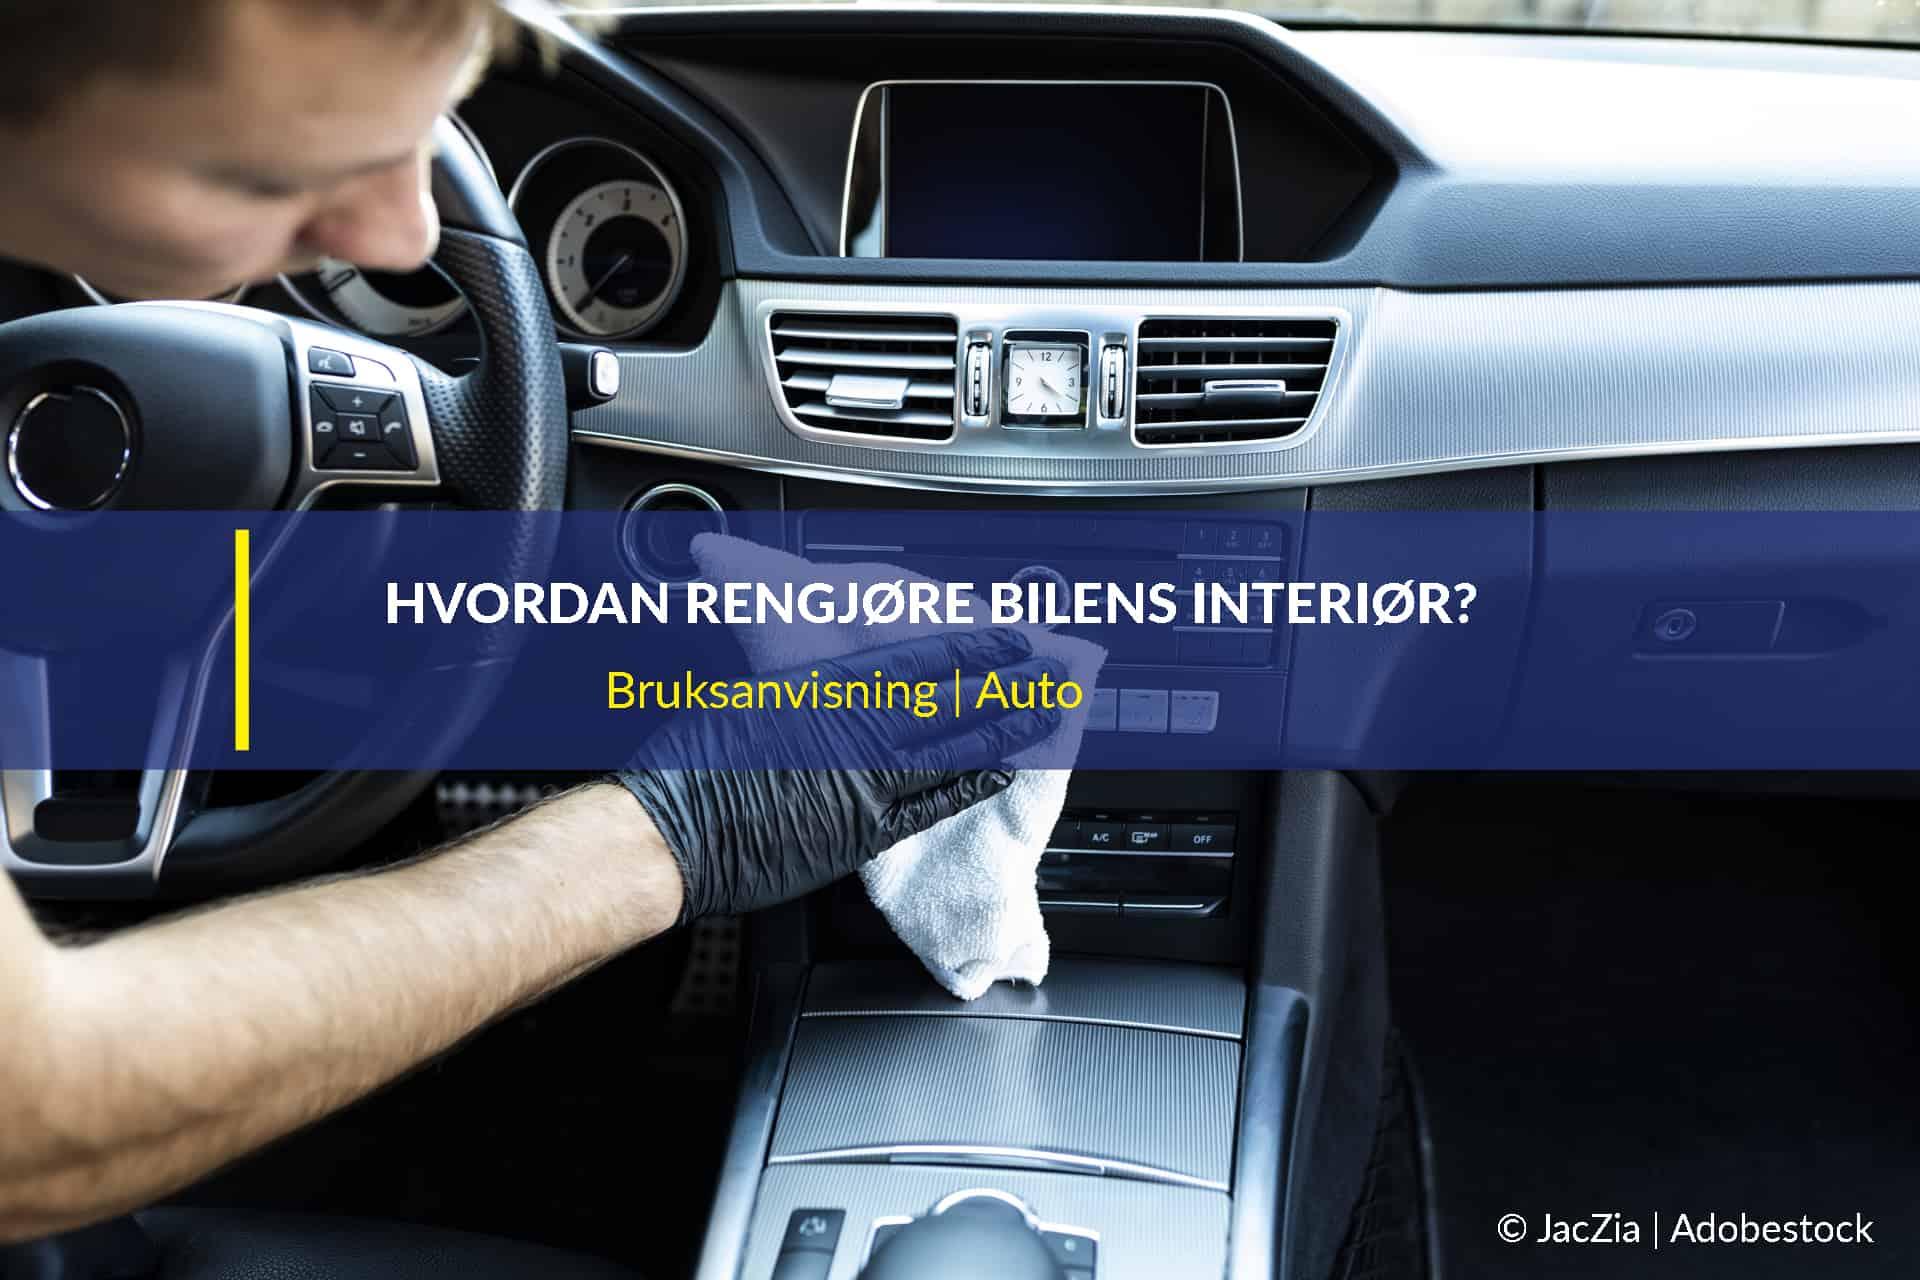 hvordan rengjøre bilens interiør